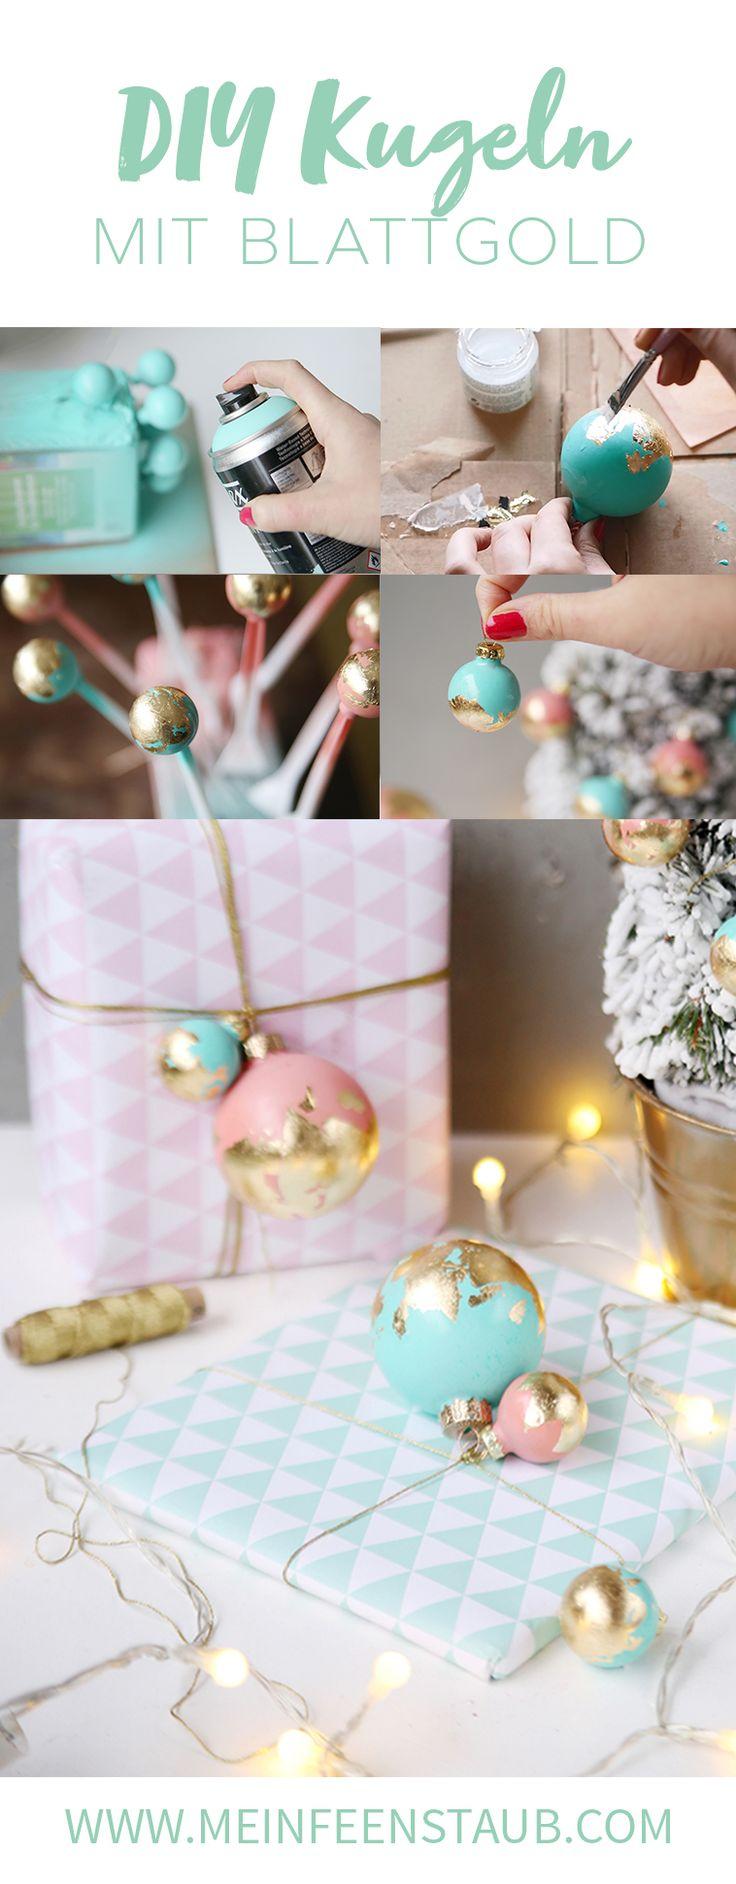 Kreative DIY-Idee für Weihnachten: Weihnachtskugeln mit Blattgold verschönern - bunte DIY-Idee für selbstgemachte Weihnachtsdeko   Geschenke schön verpacken für Weihnachten   Do it Yourself Einpacken